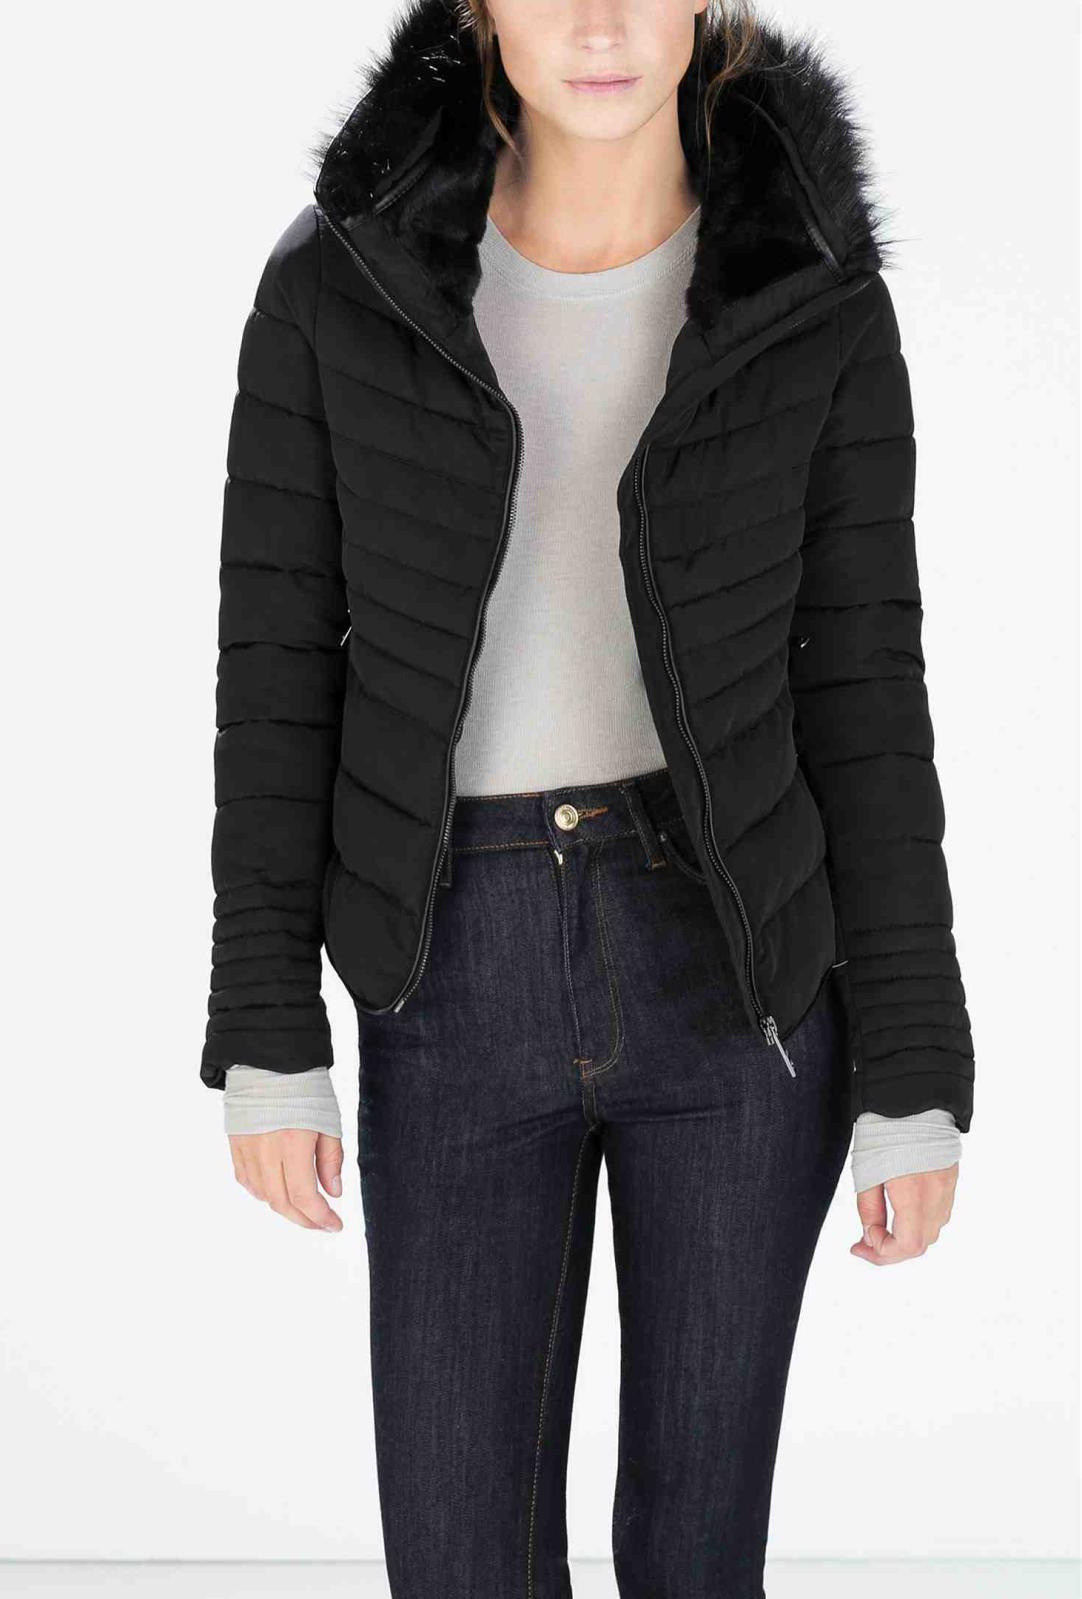 Krotka Kurtka Puchowa Zara Rozmiar M 6692938616 Oficjalne Archiwum Allegro Jackets Winter Jackets Fashion